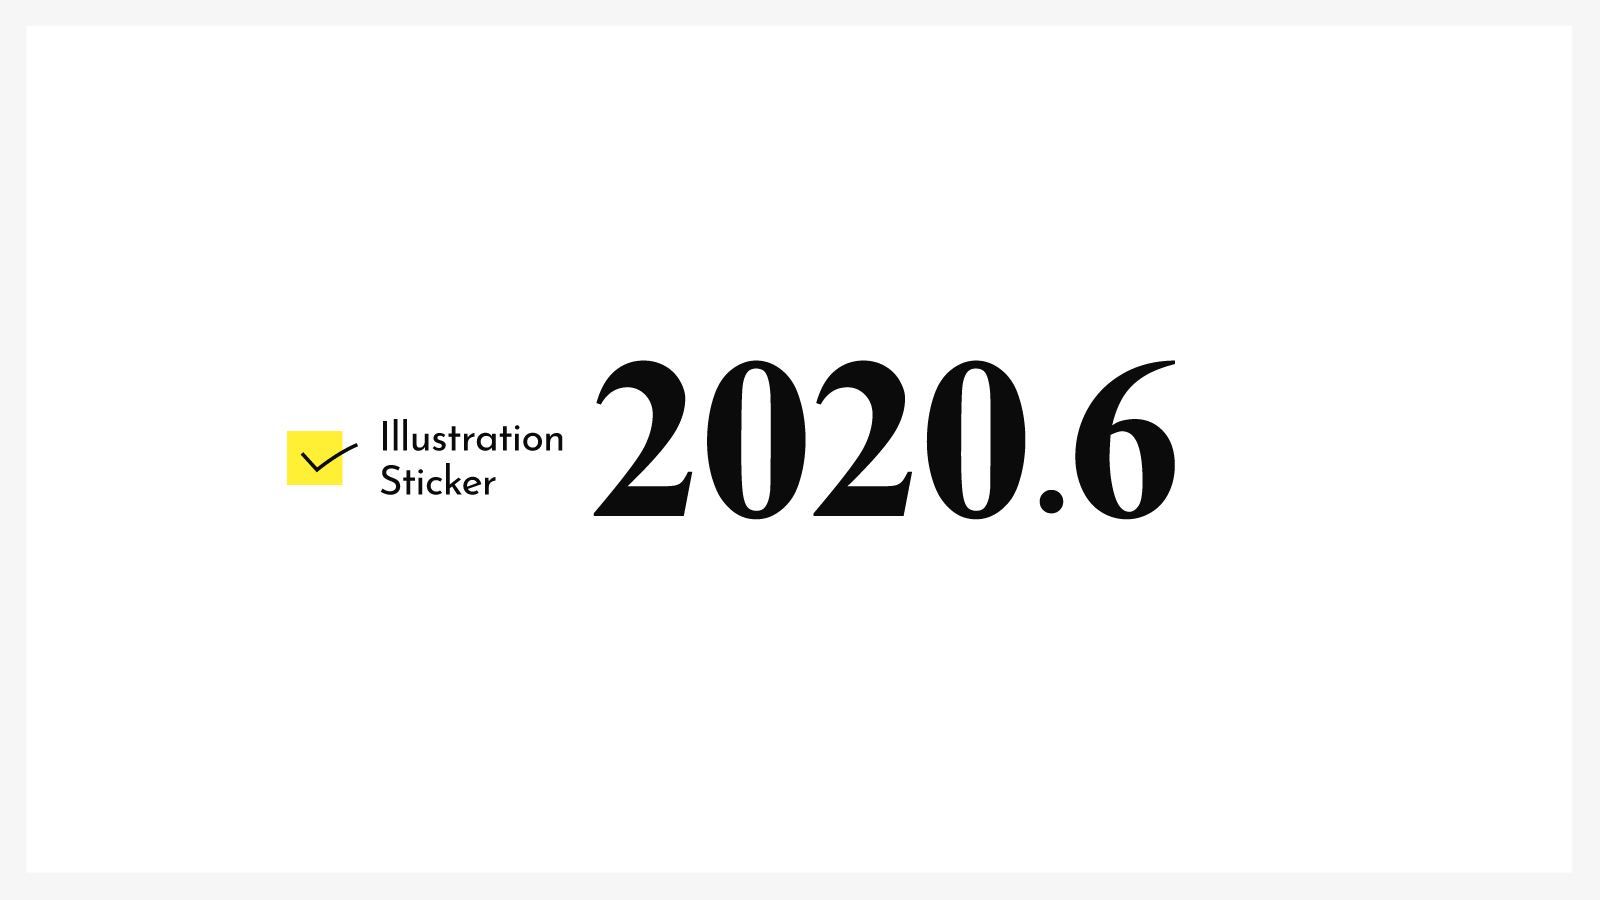 stickerapp,オリジナルステッカー,イラスト